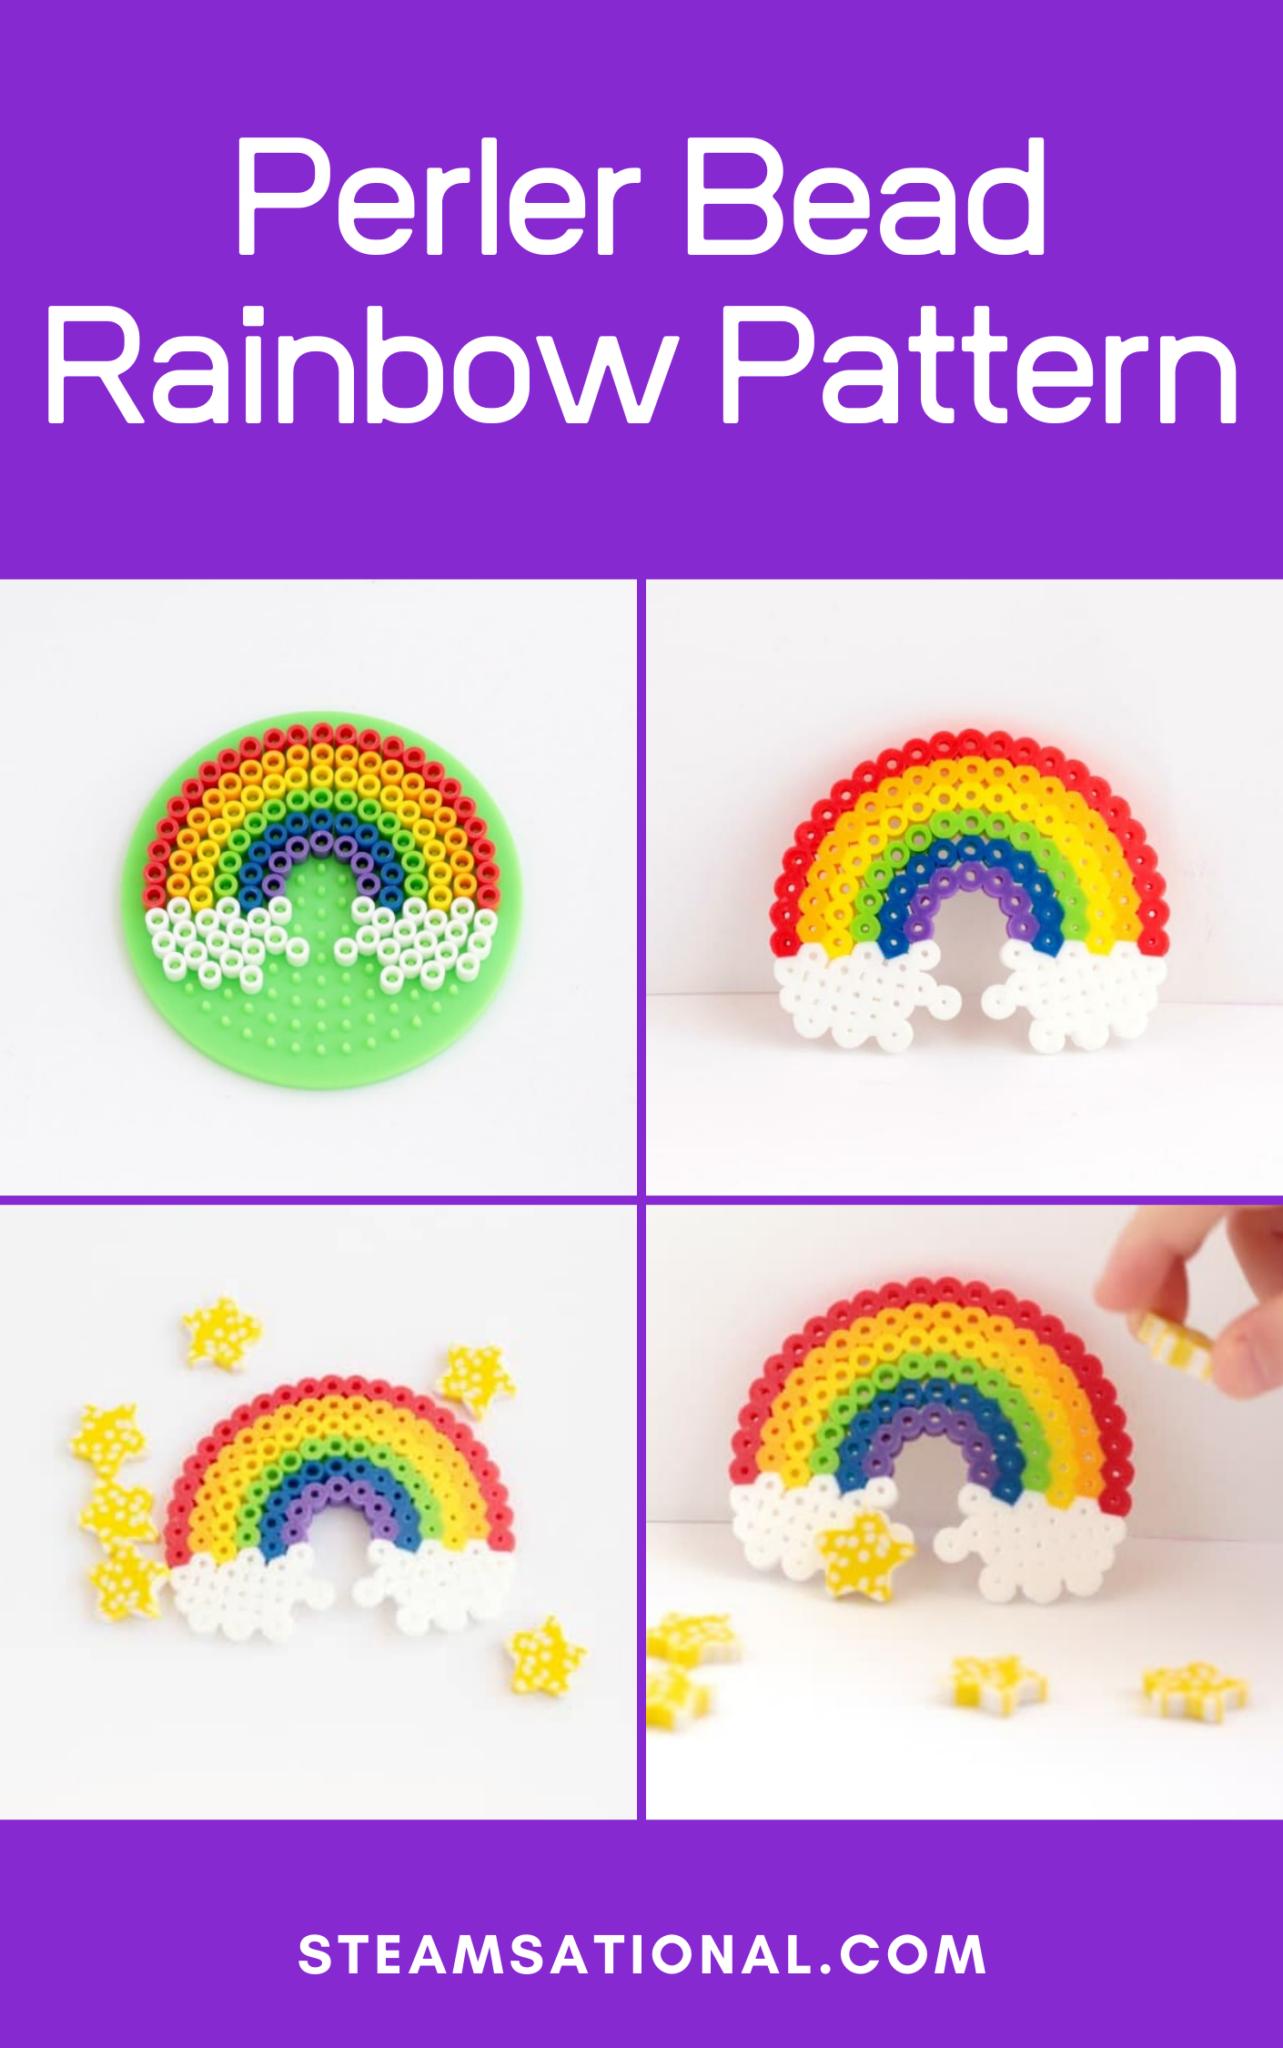 Build A Perler Bead Rainbow Engineering Challenge In